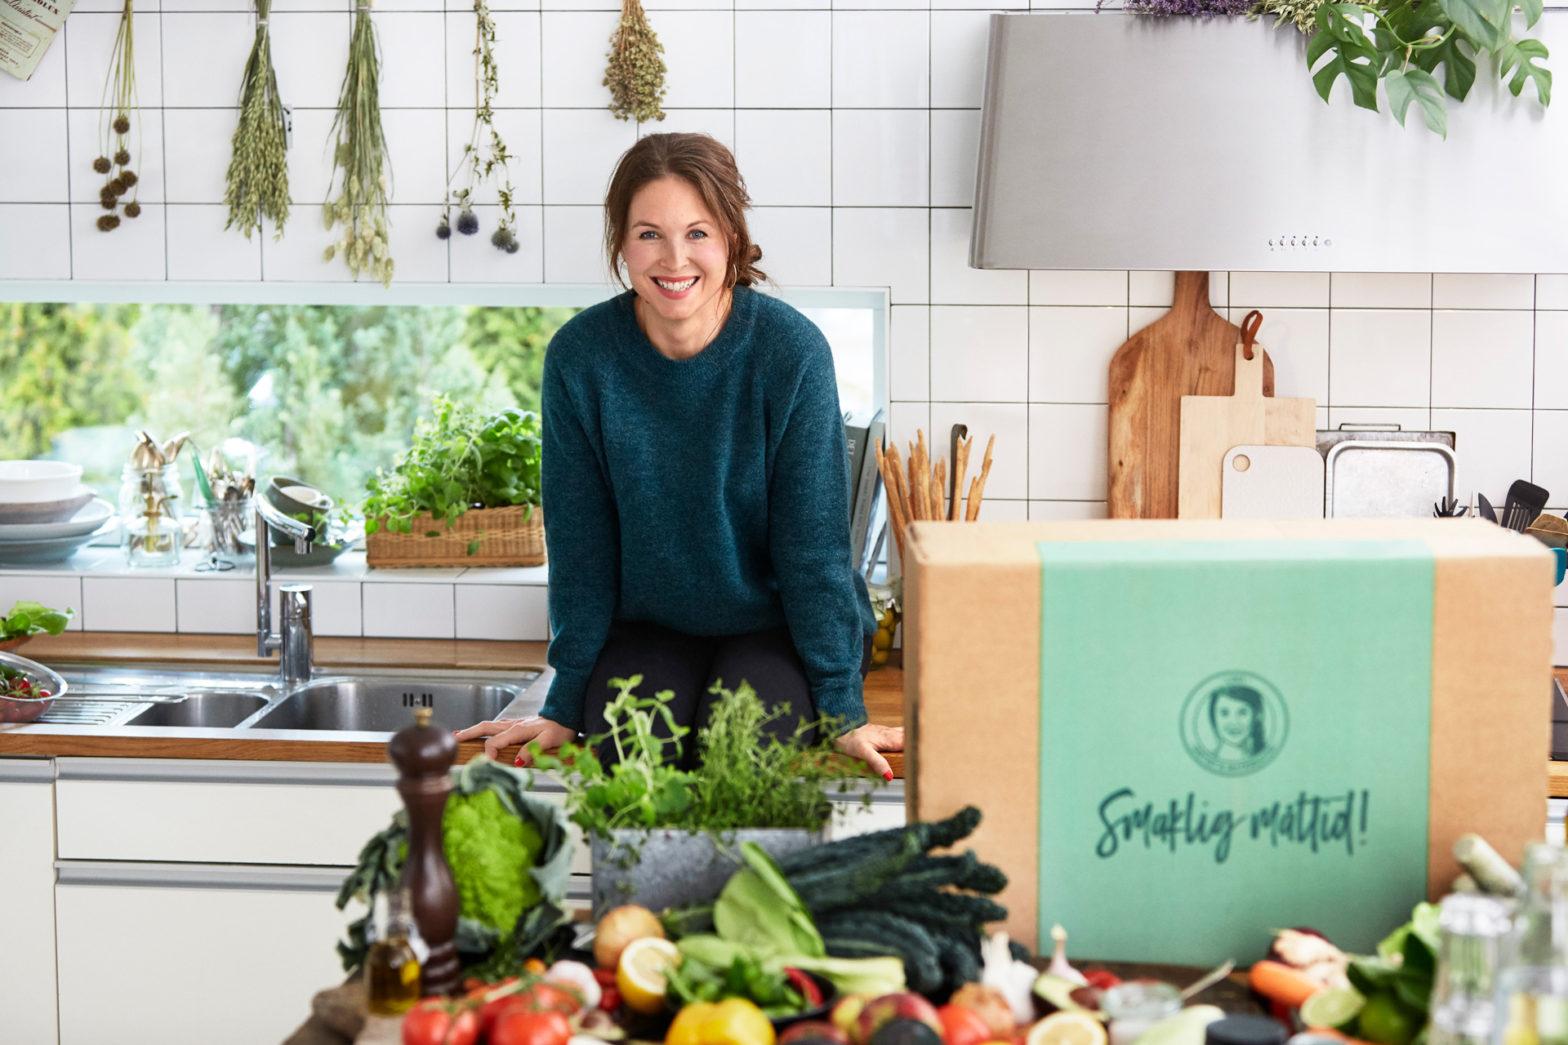 Linas öppnar matbutik för ett bredare utbud